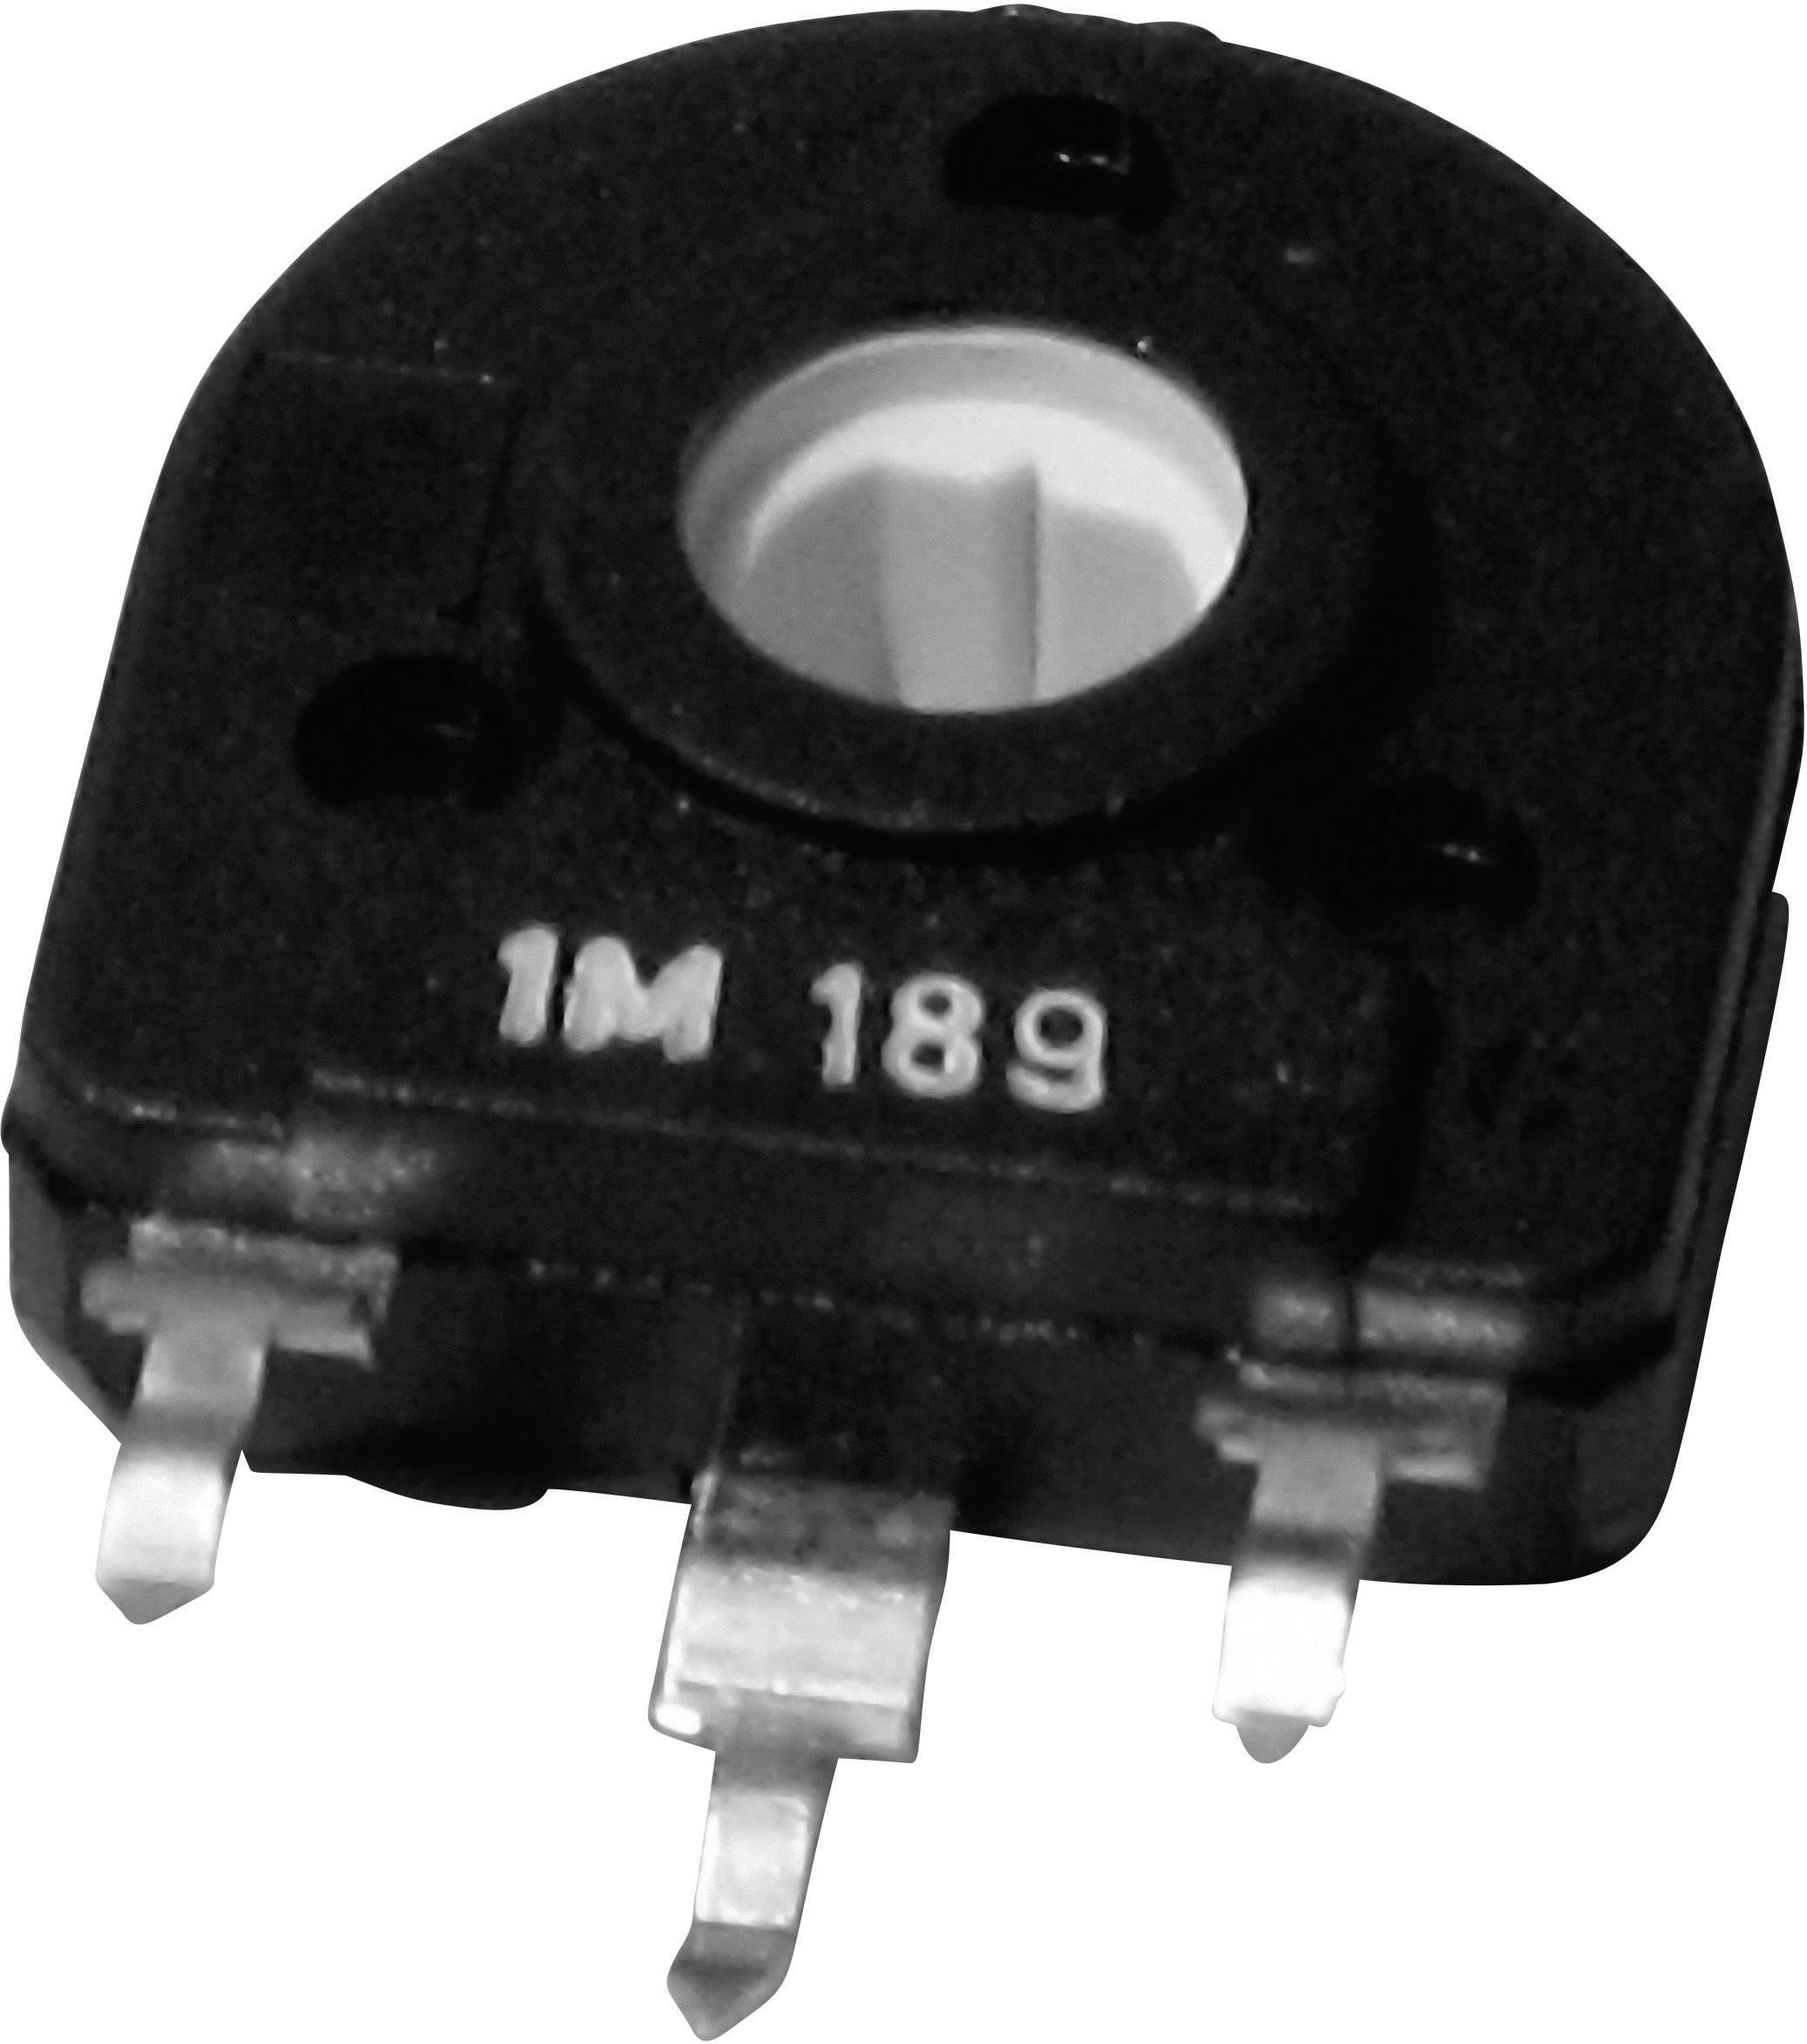 Uhlíkový trimer TT Electronics AB 1551050, lineárny, 100 kOhm, 0.25 W, 1 ks